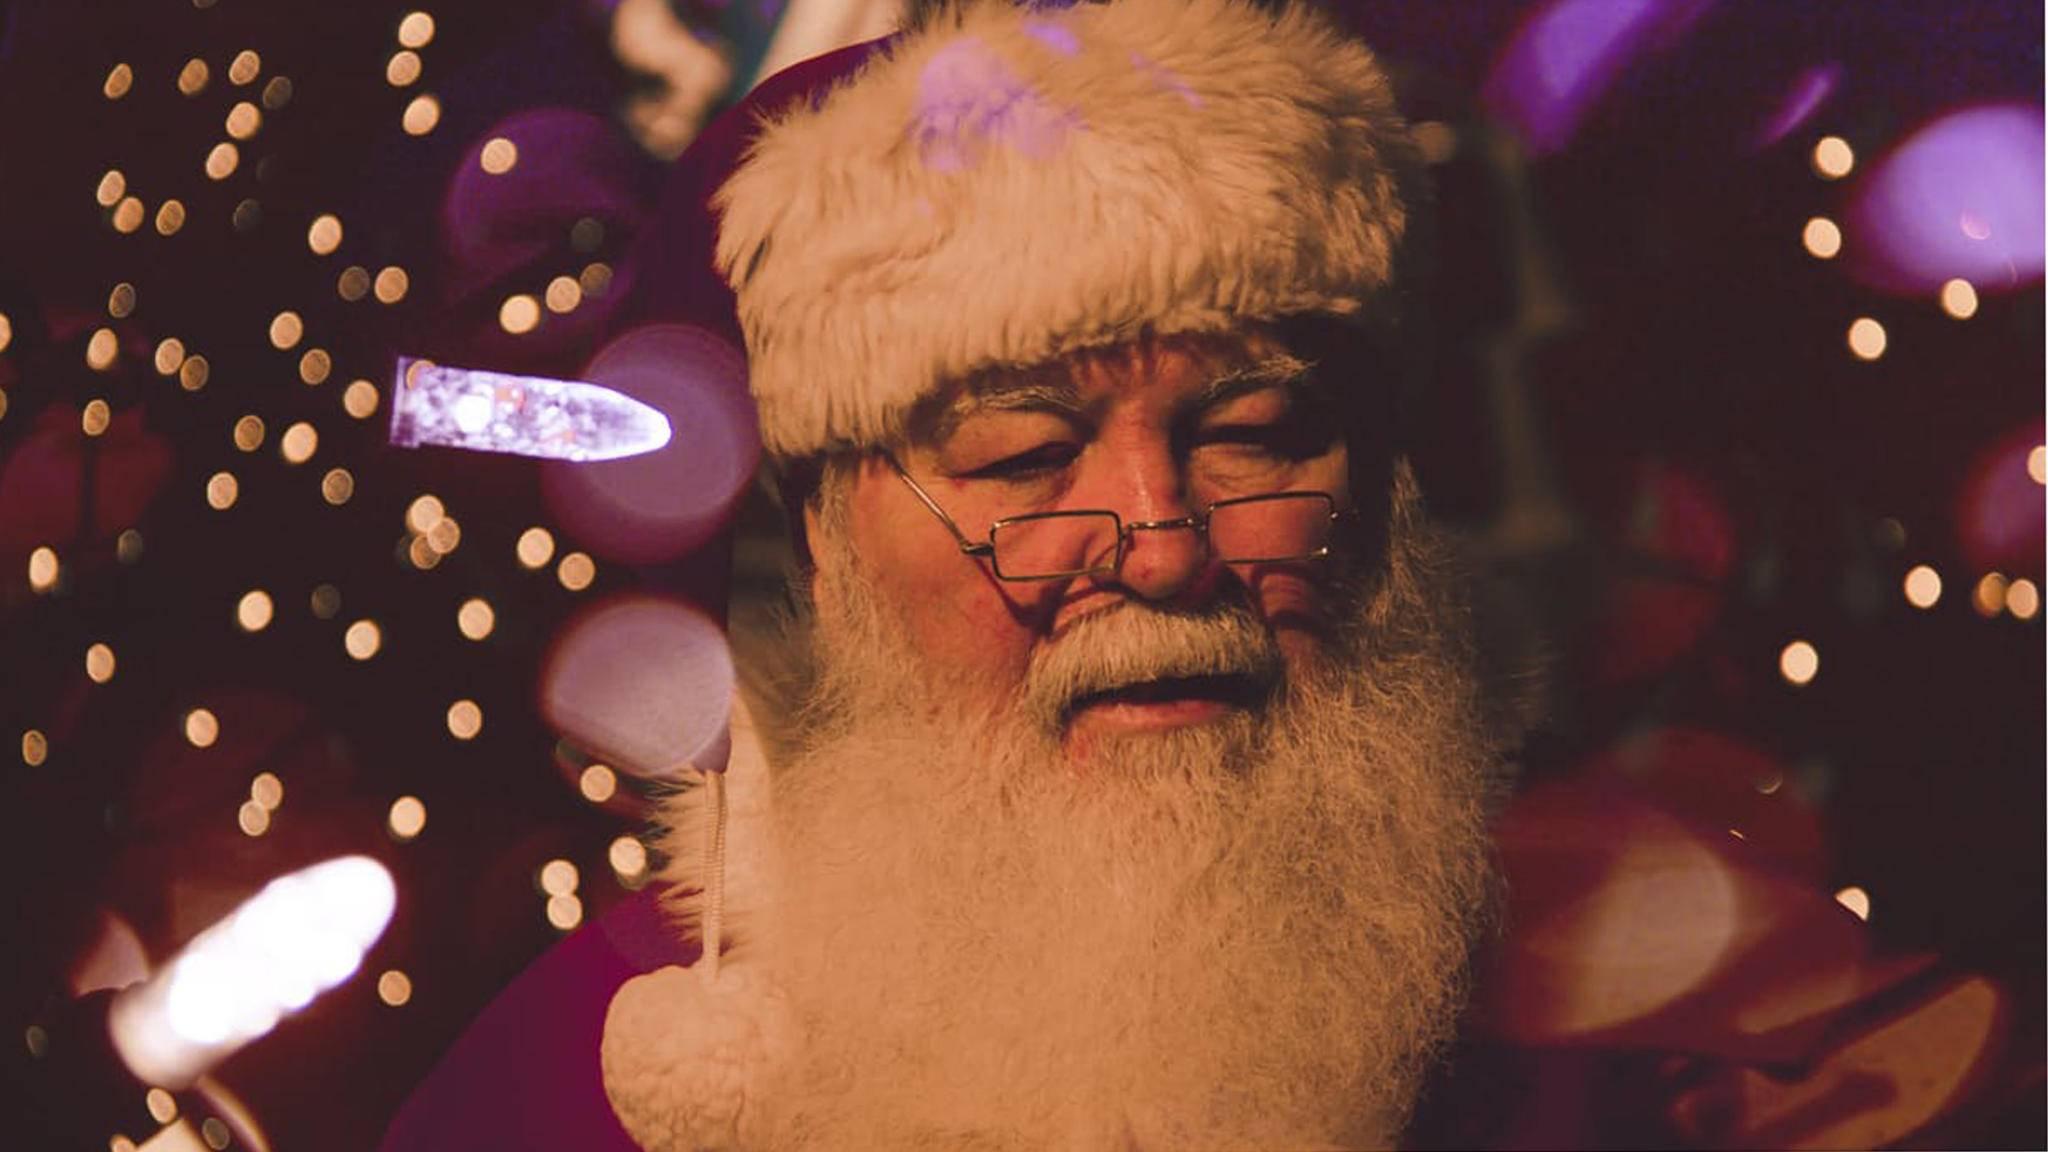 Bei Anruf Elf: Der Weihnachtsmann und seine Helfer nehmen Weihnachtswünsche jetzt auch telefonisch entgegen.